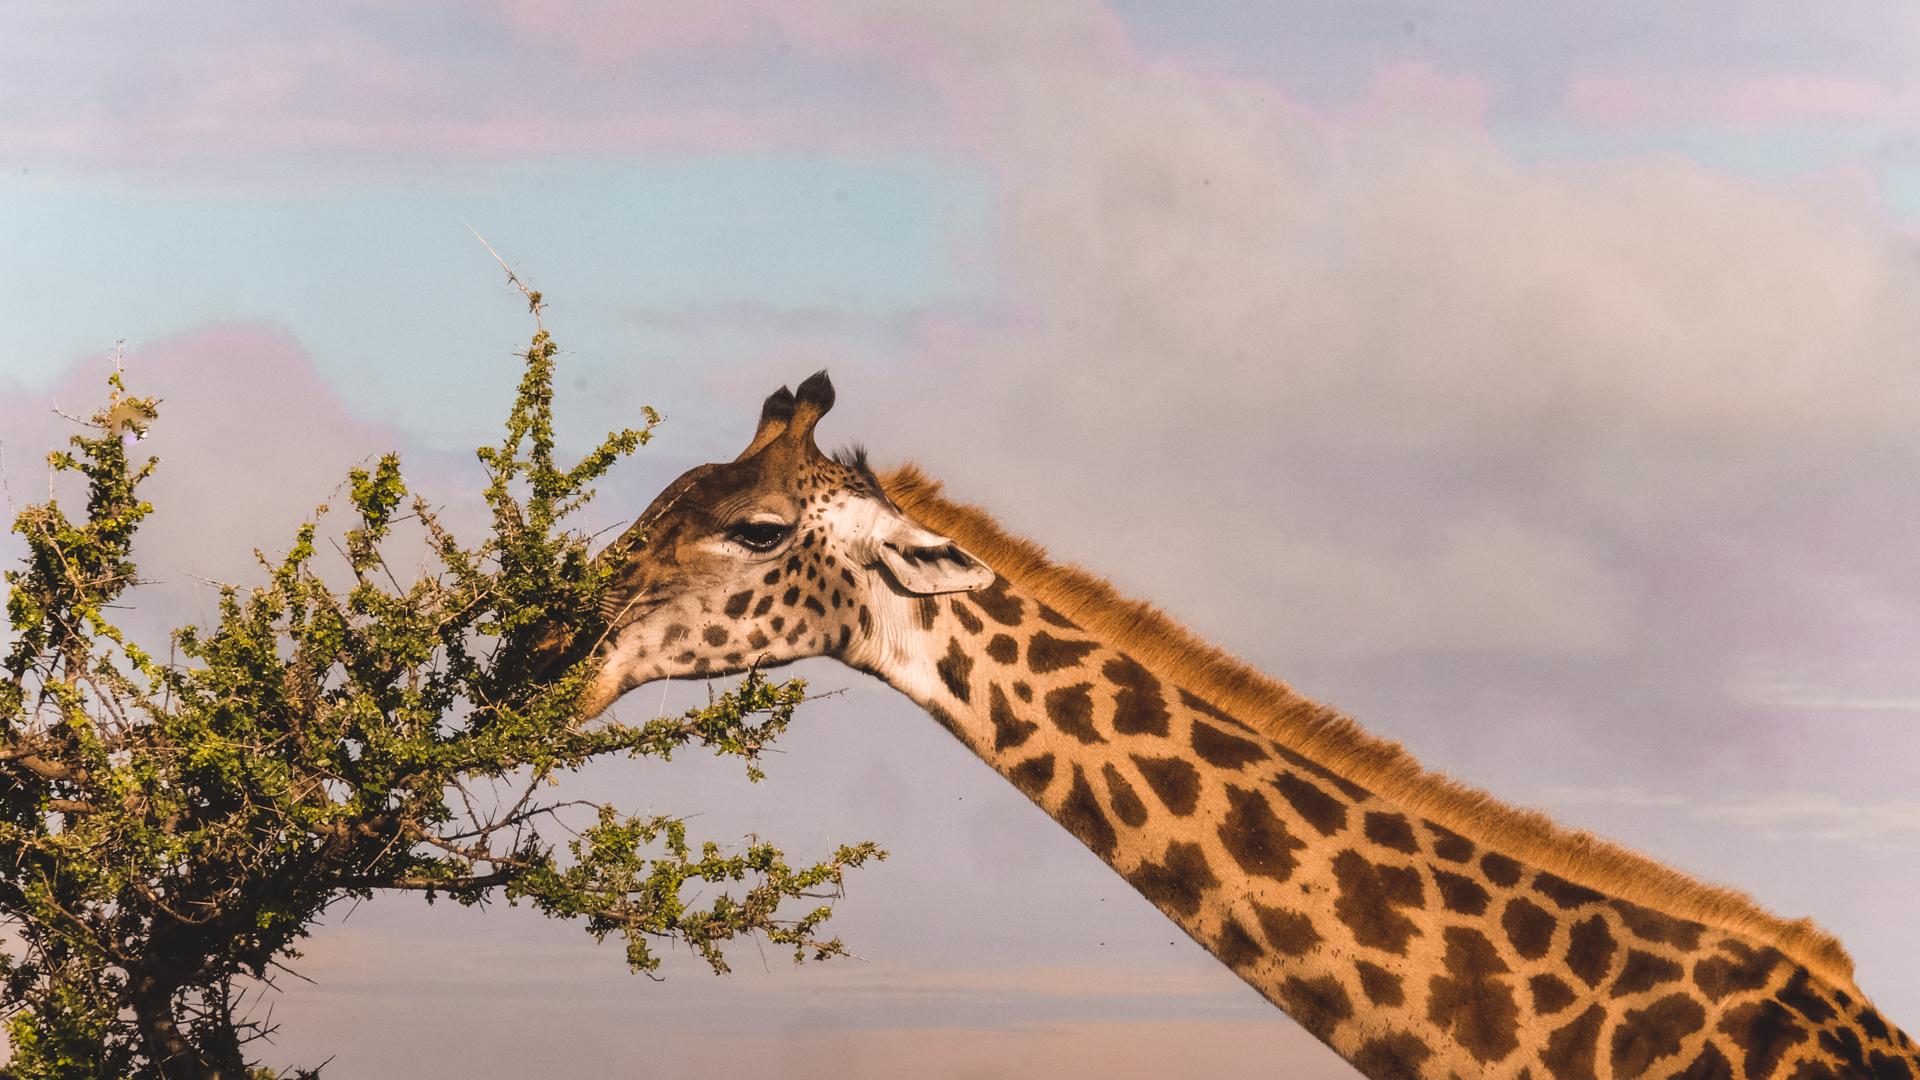 Close-up of a giraffe eating off an acacia tree in the Serengeti National Park, Tanzania